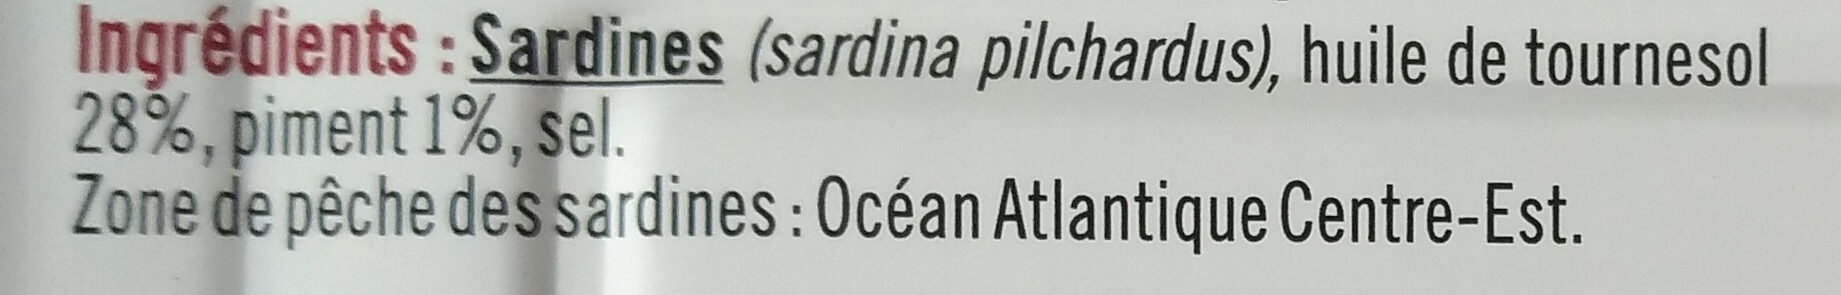 Sardines à l'huile de tournesol et au piment - Ingrediënten - fr